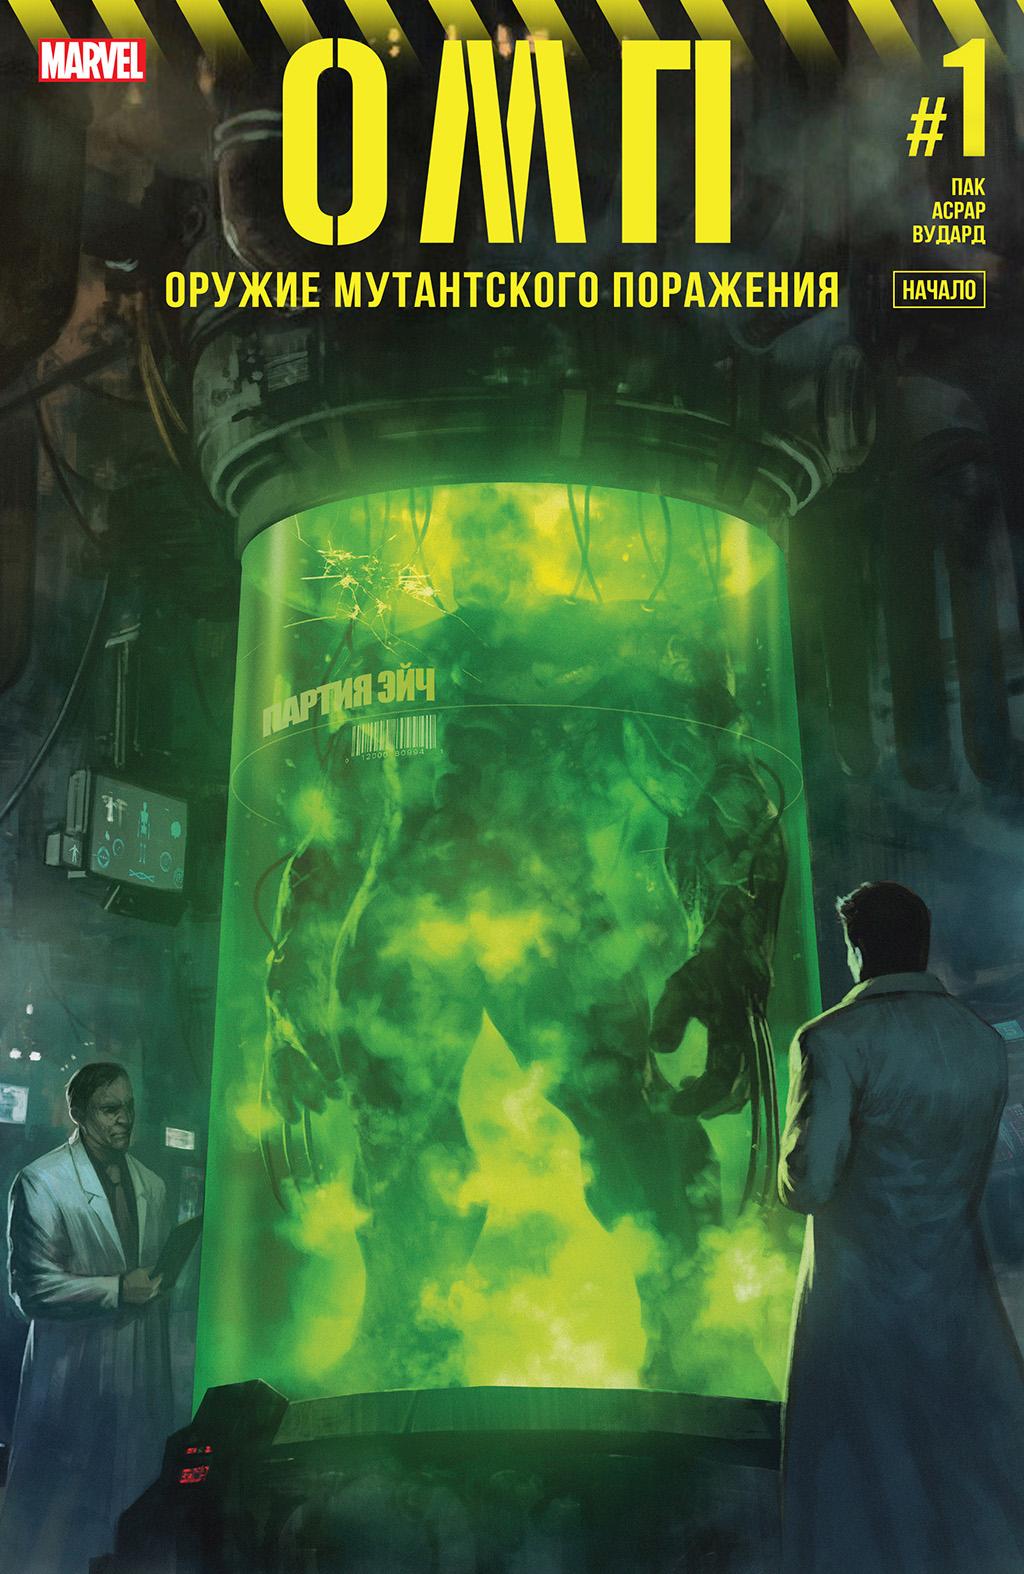 Комикс Оружие мутантского поражения: Начало